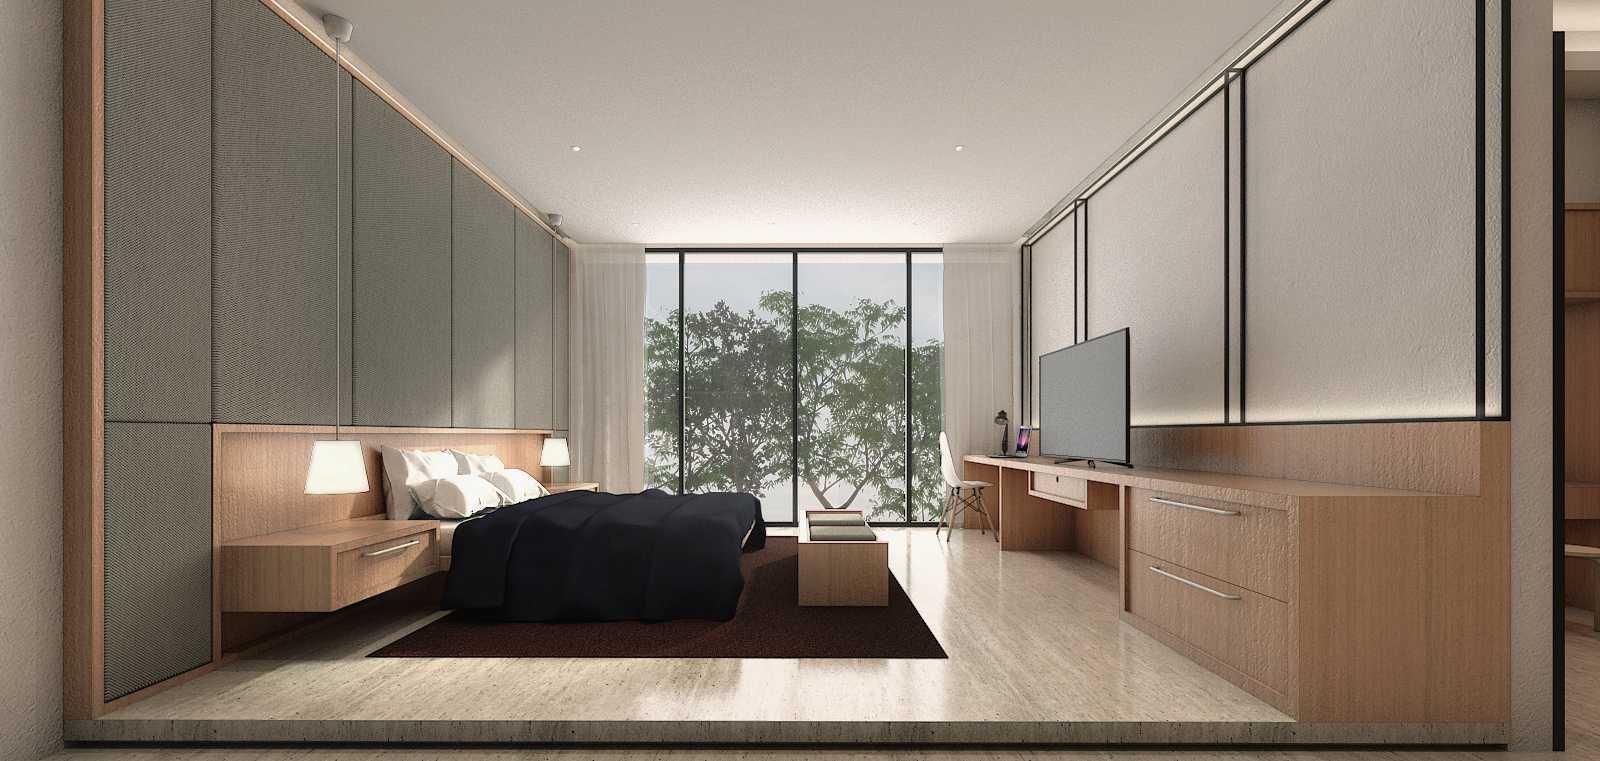 Studio Go J House  Medan, Kota Medan, Sumatera Utara, Indonesia Medan, Kota Medan, Sumatera Utara, Indonesia Master Bedroom Contemporary  51410